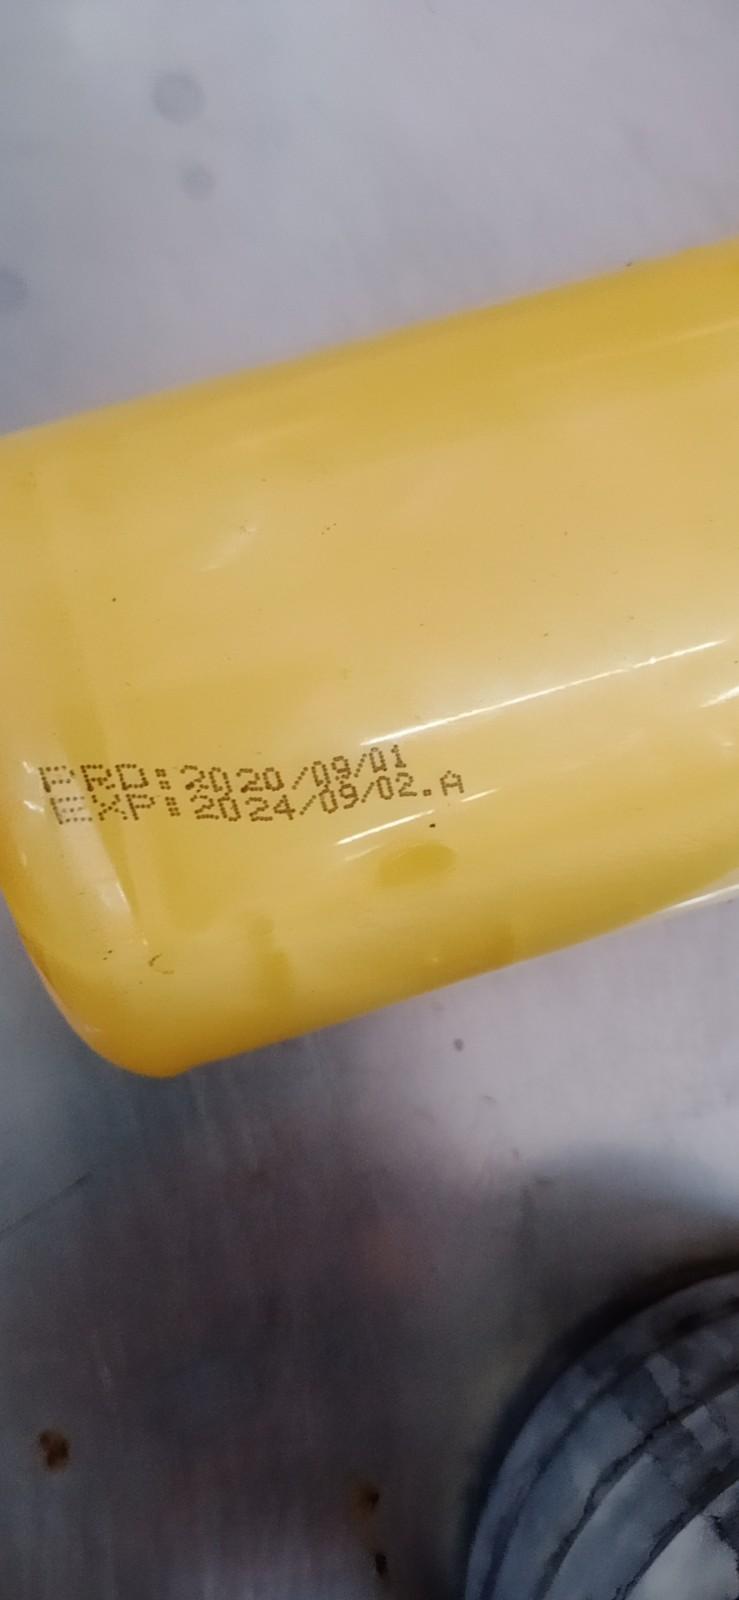 汕头食品玩具标识,揭阳电机激光标识,激光喷码紫外喷码光纤喷码庵埠潮州食品糖果喷码